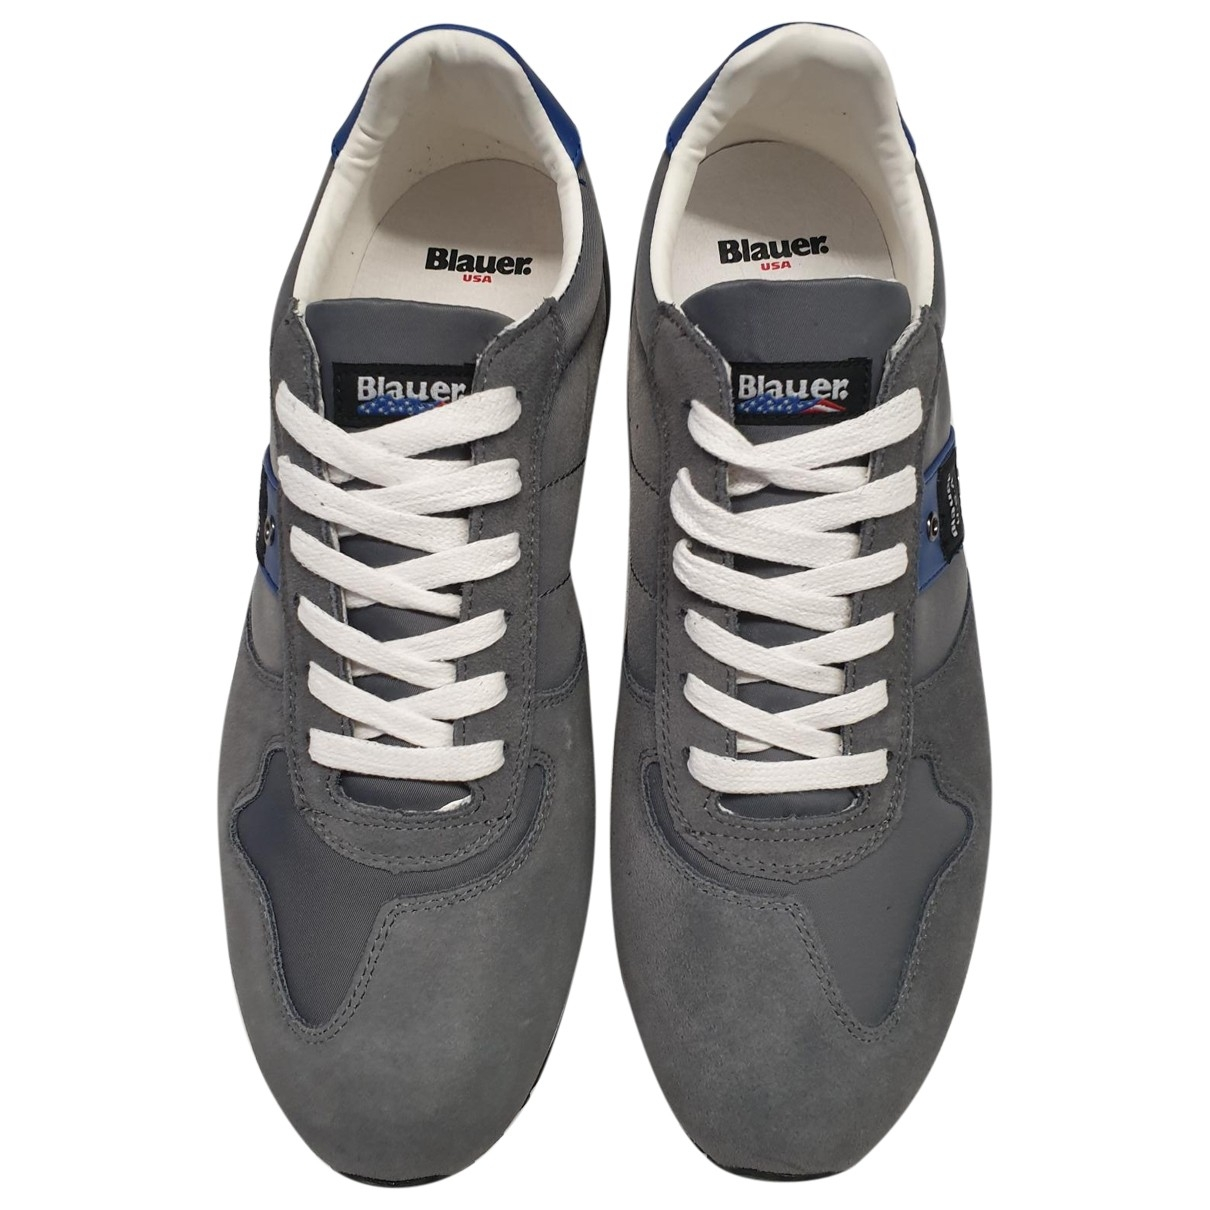 Blauer \N Sneakers in  Grau Veloursleder